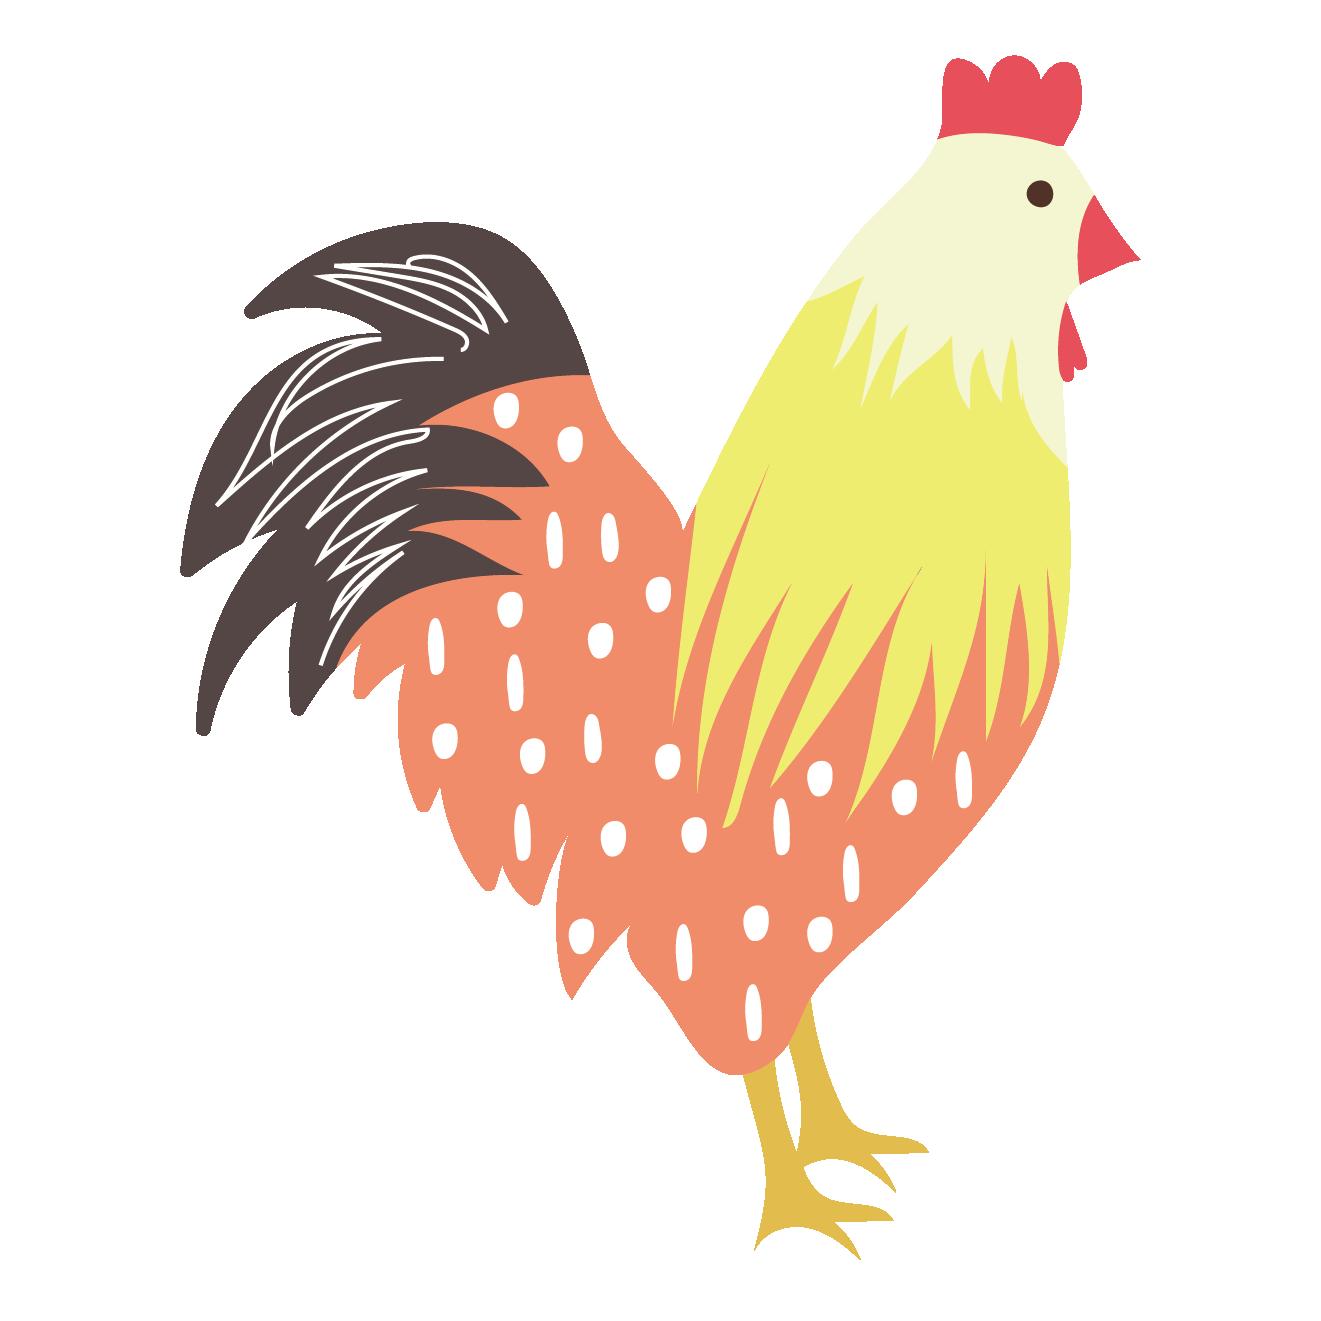 酉年 水玉(ドット)柄の可愛い鶏(にわとり)のイラスト | 商用フリー